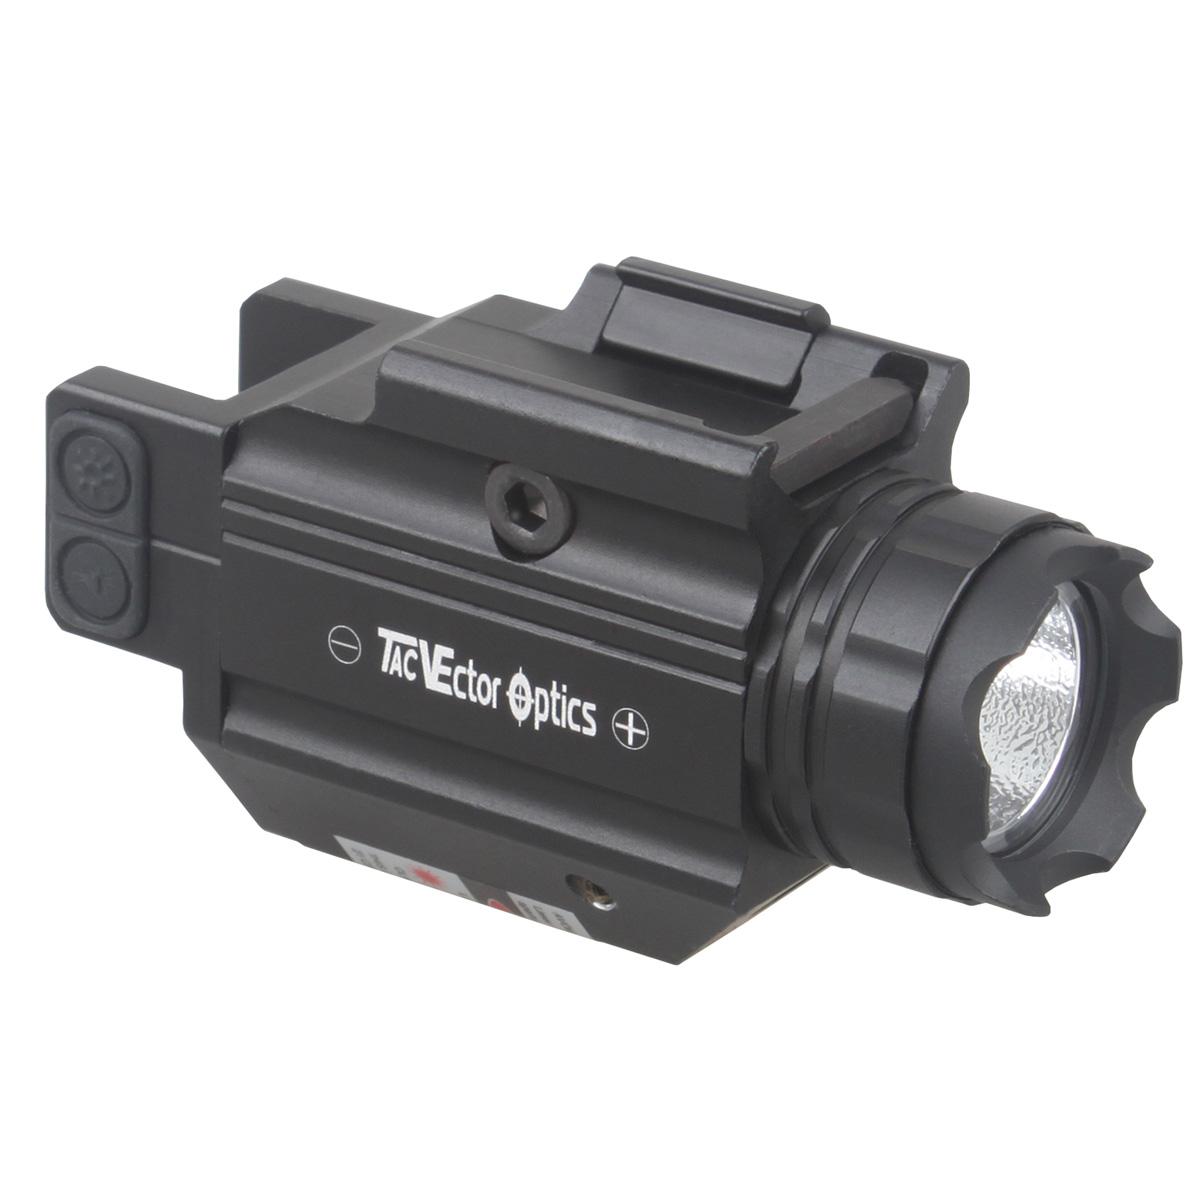 Doublecross Hunting Pistol Gun Handgun Tactical Red Laser Flashlight Combo Light